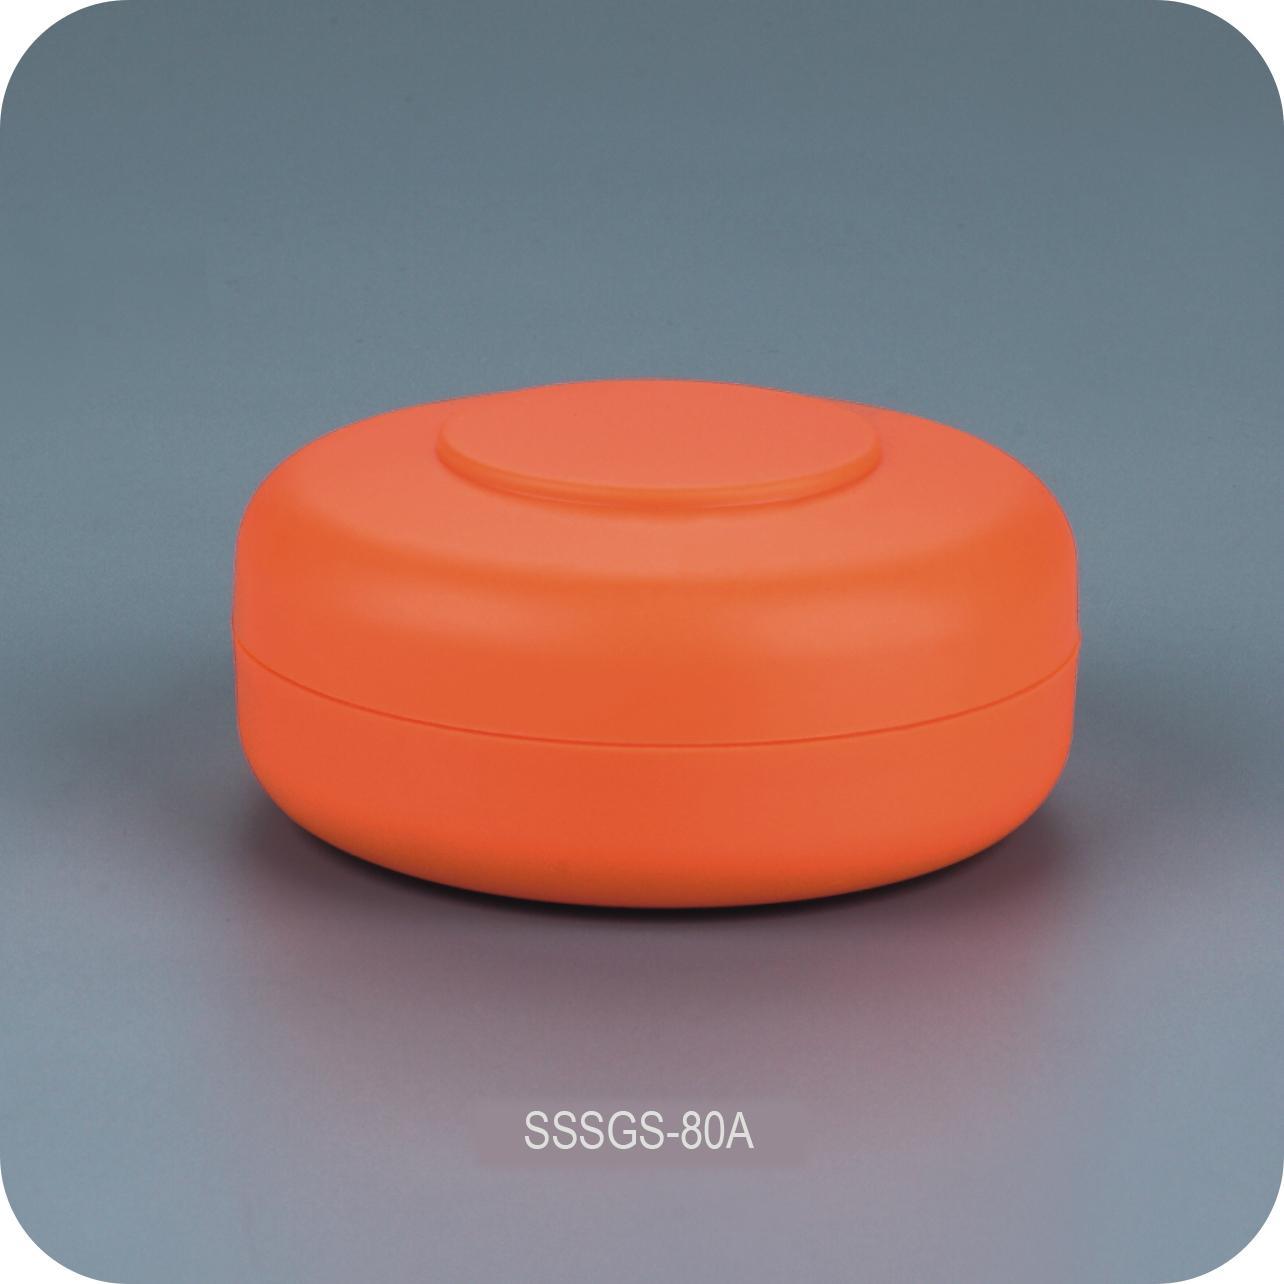 80g Colorful Face Cream Jar 2